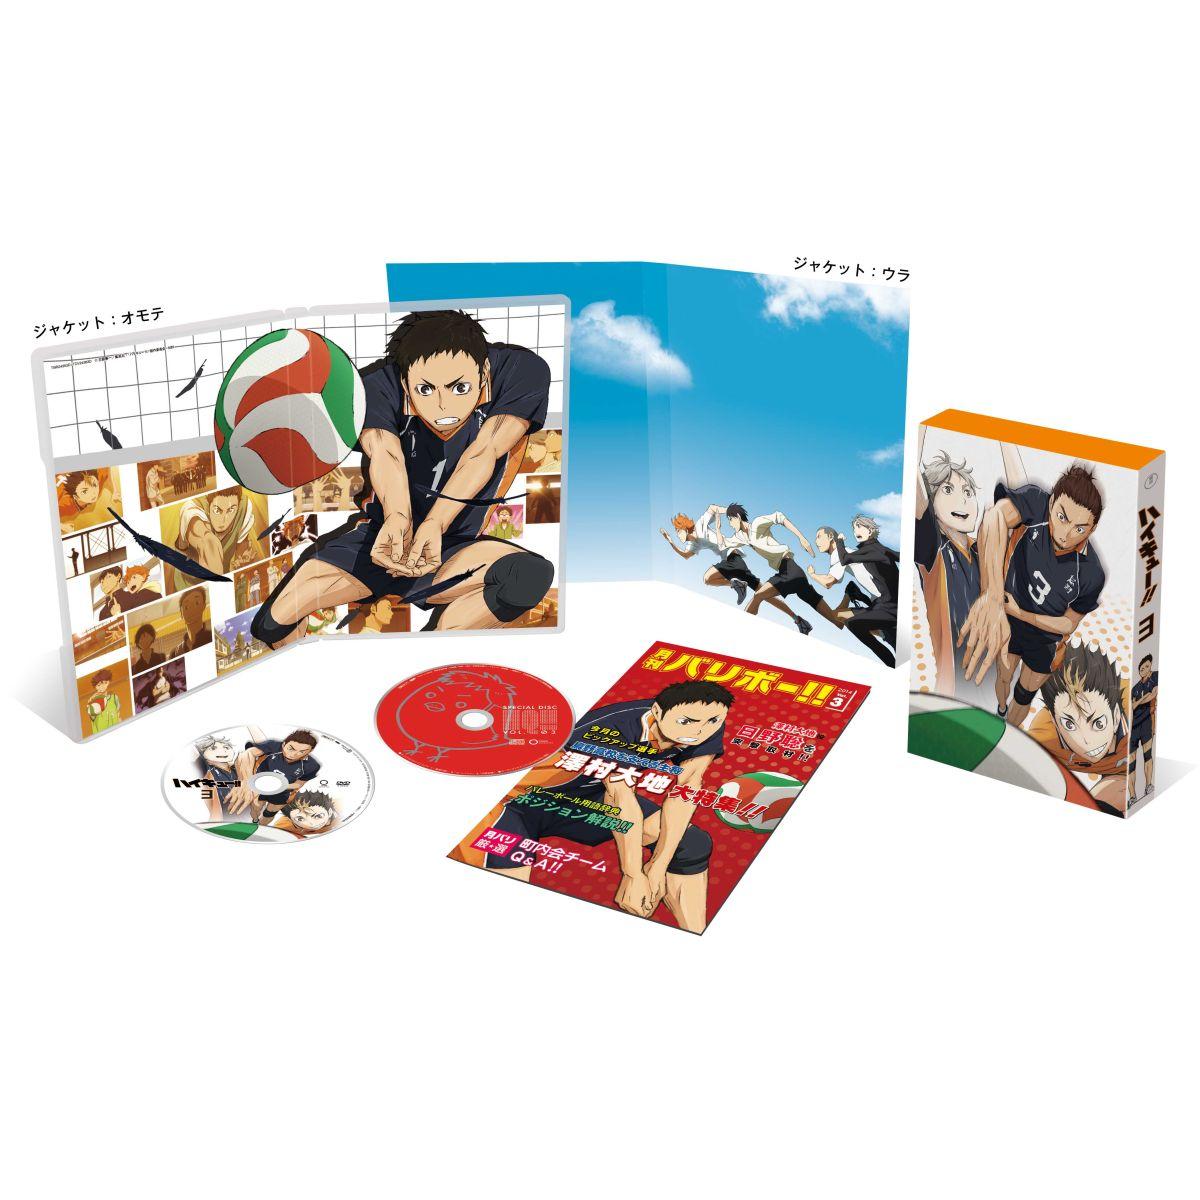 ハイキュー!! vol.3 DVD[TDV-24363D][DVD] 製品画像